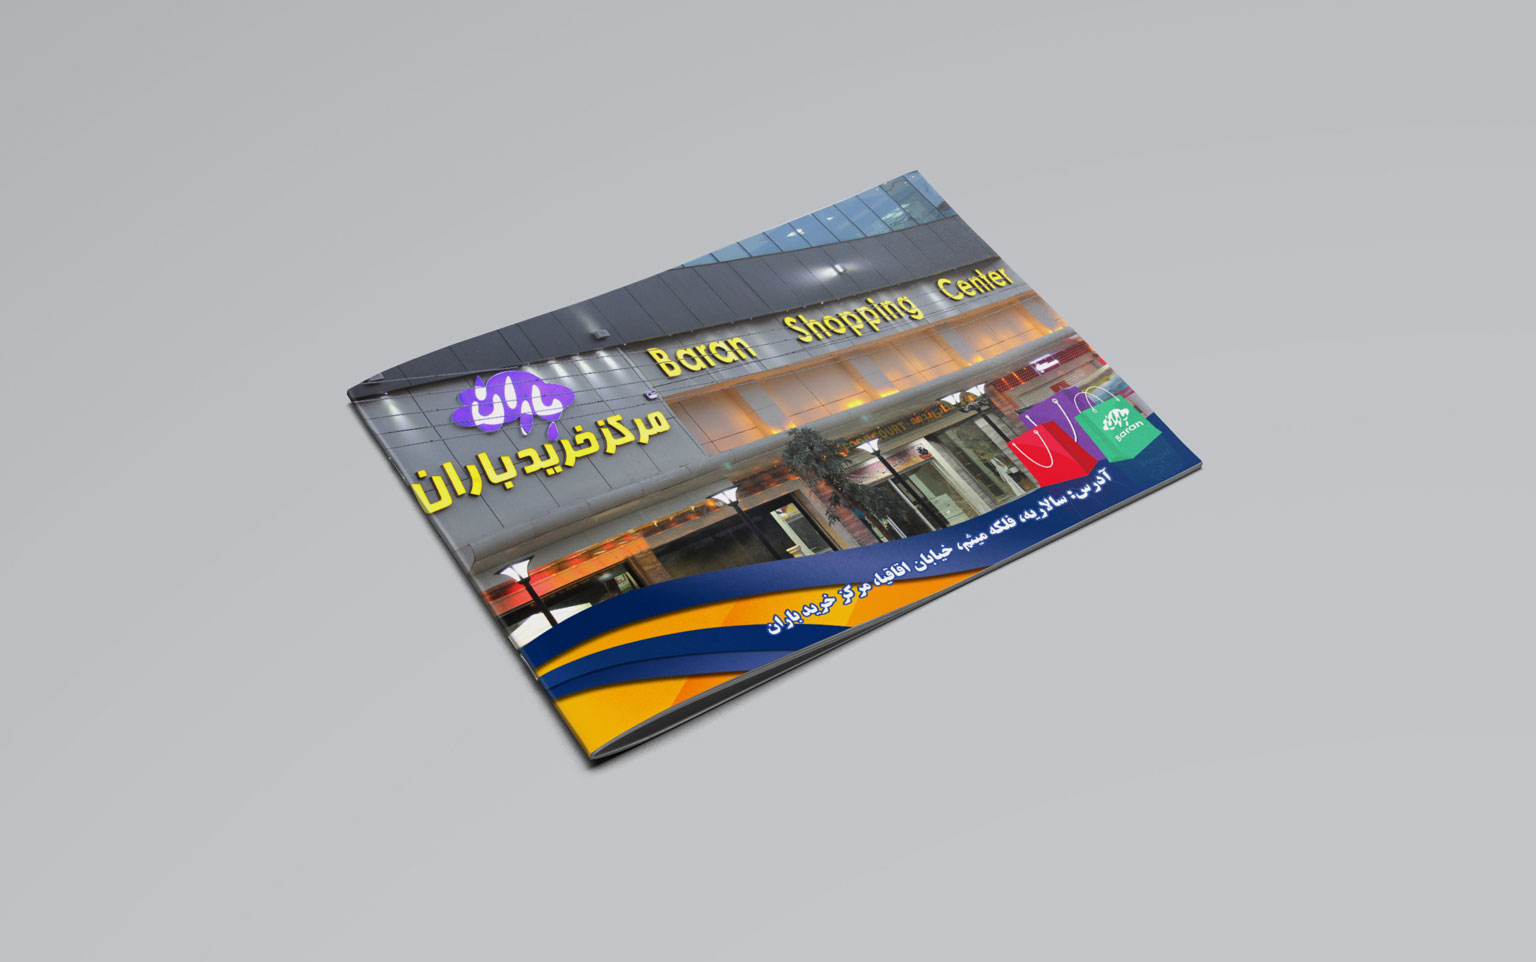 جلد تبلیغاتی کسب و کار (پاساژ)